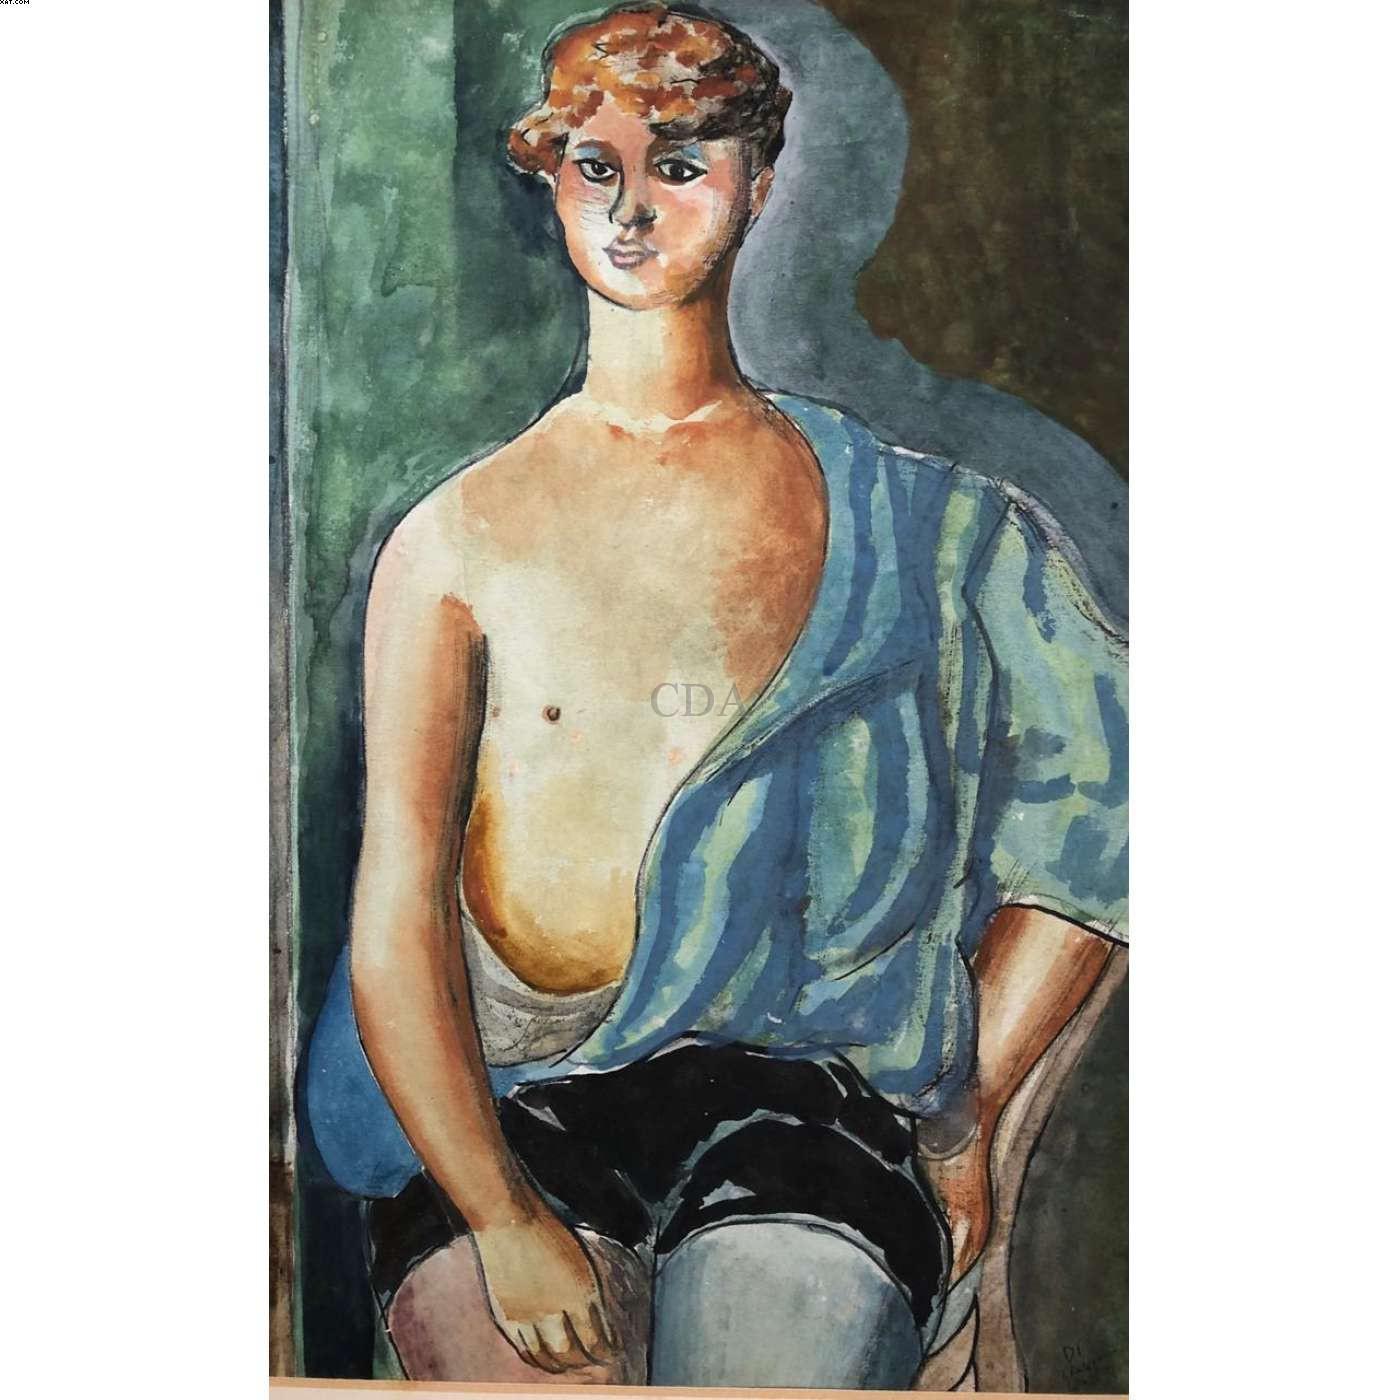 Jovem - Di Cavalcanti (1897-1976)